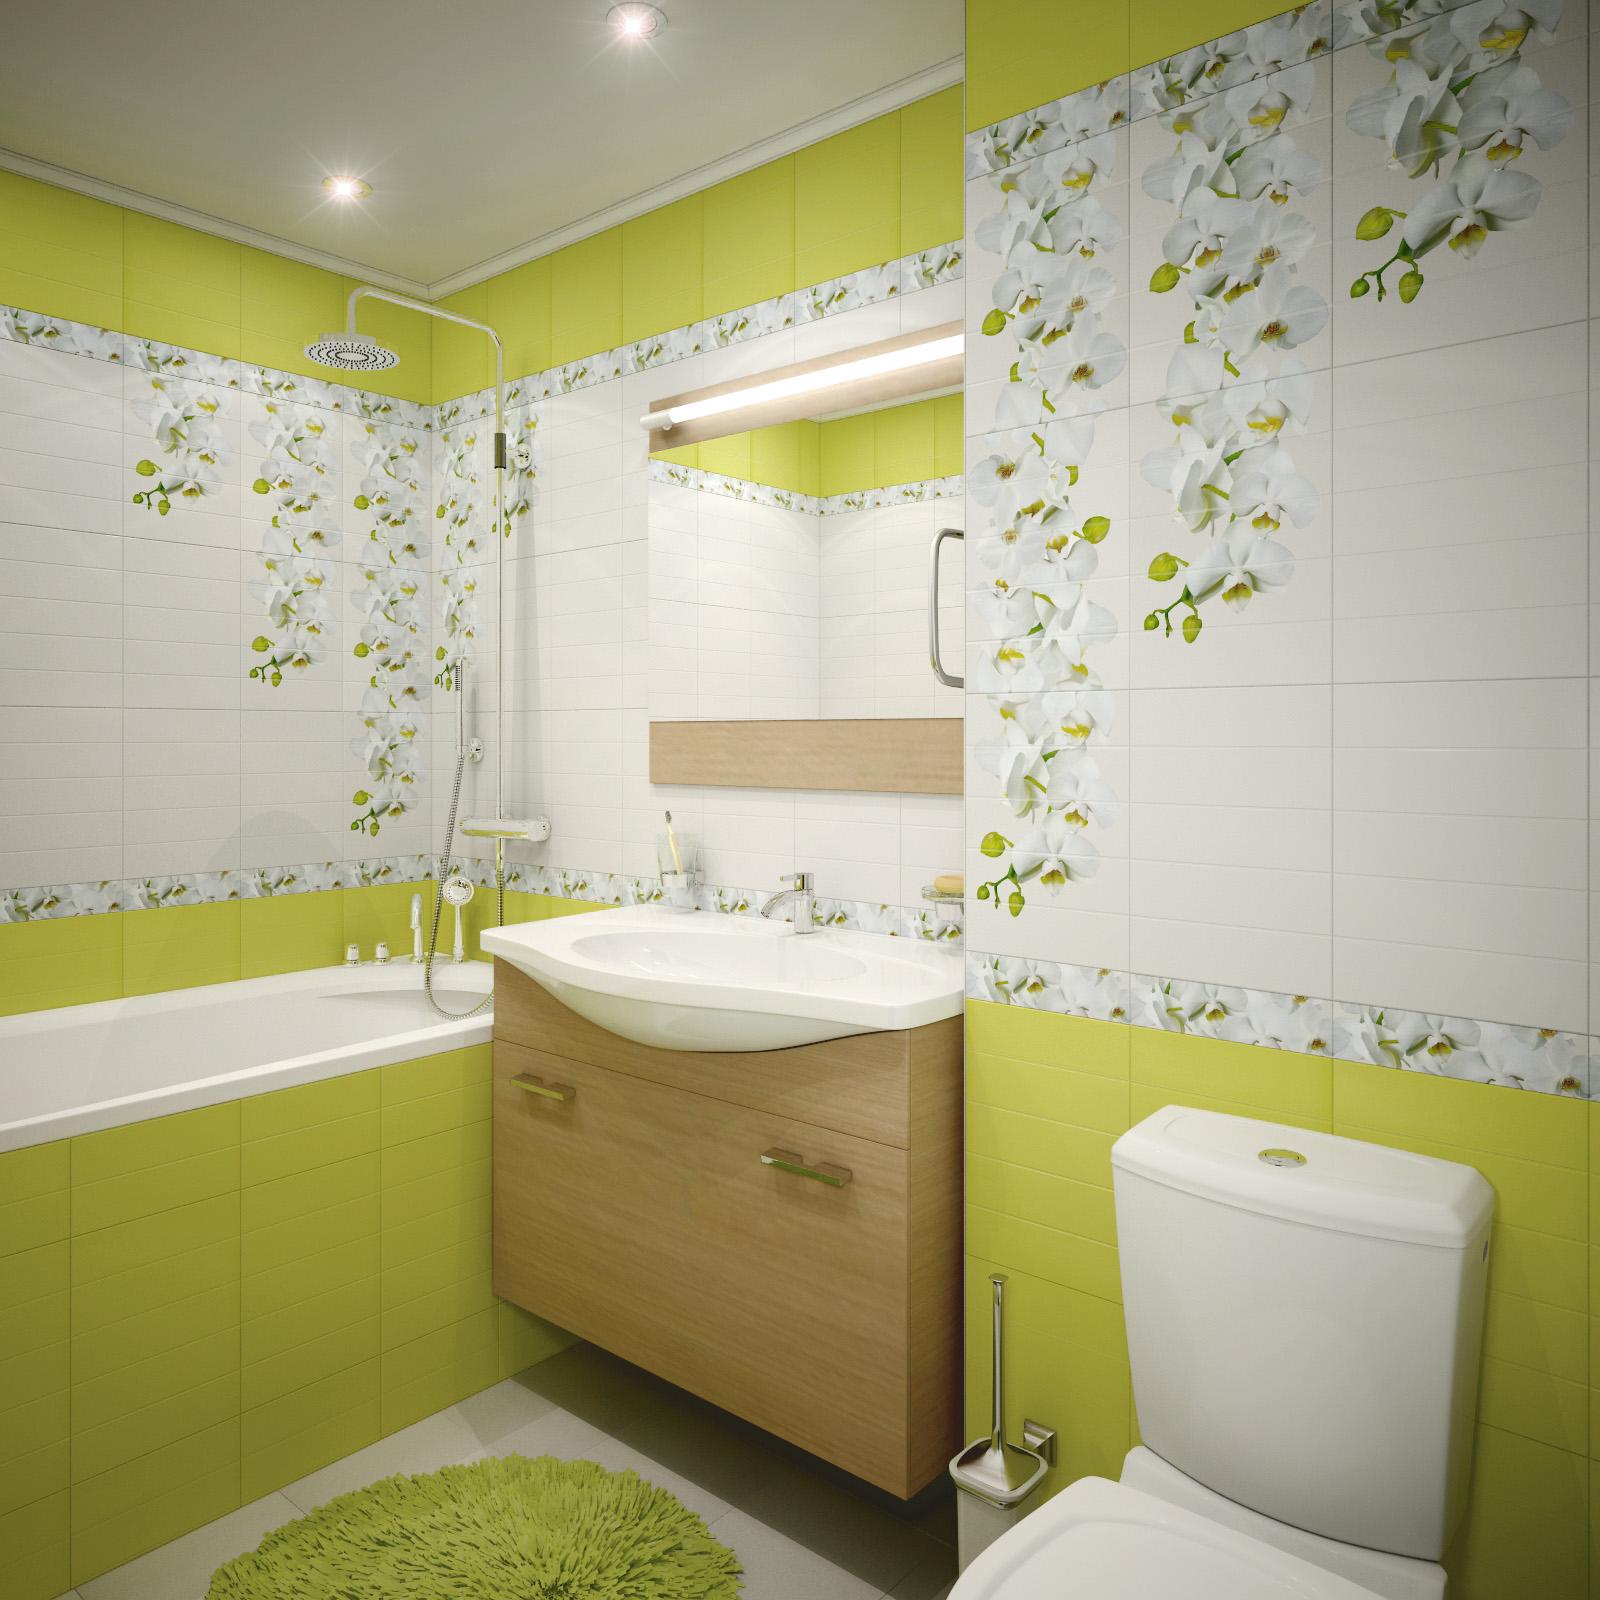 Плитка с цветочными акцентами в ванной